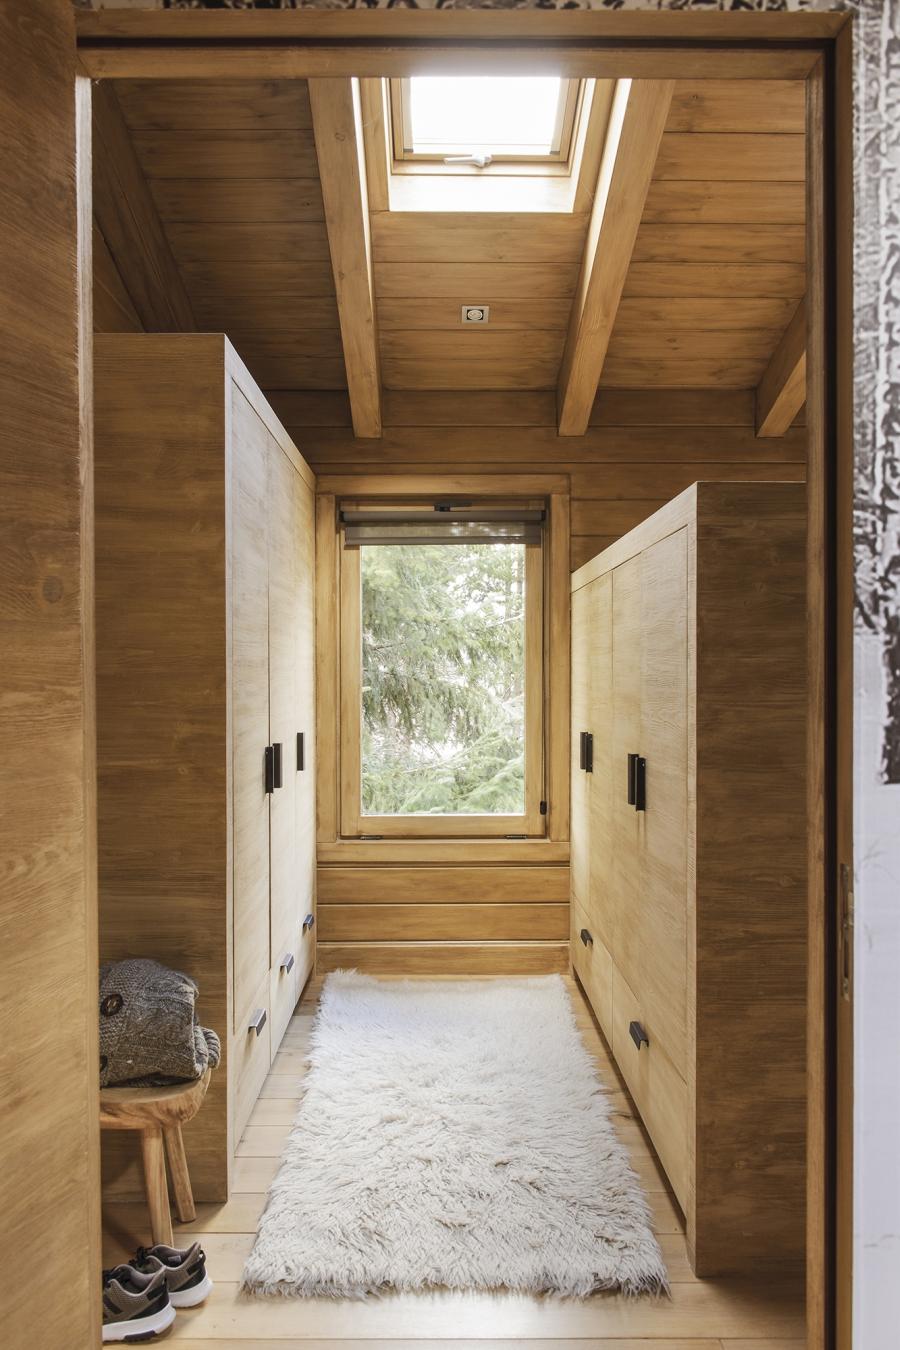 Drewniany domek w środku lasu - wystrój wnętrz, wnętrza, urządzanie mieszkania, dom, home decor, dekoracje, aranżacje, drewniany dom, drewno, eco, ekolodiczny, naturalny, cozy home, styl skandynawski, scandinavian style, otwarta przestrzeń, salon, living room, kuchnia, kitchen, jadalnia, wyspa kuchenna, garderoba